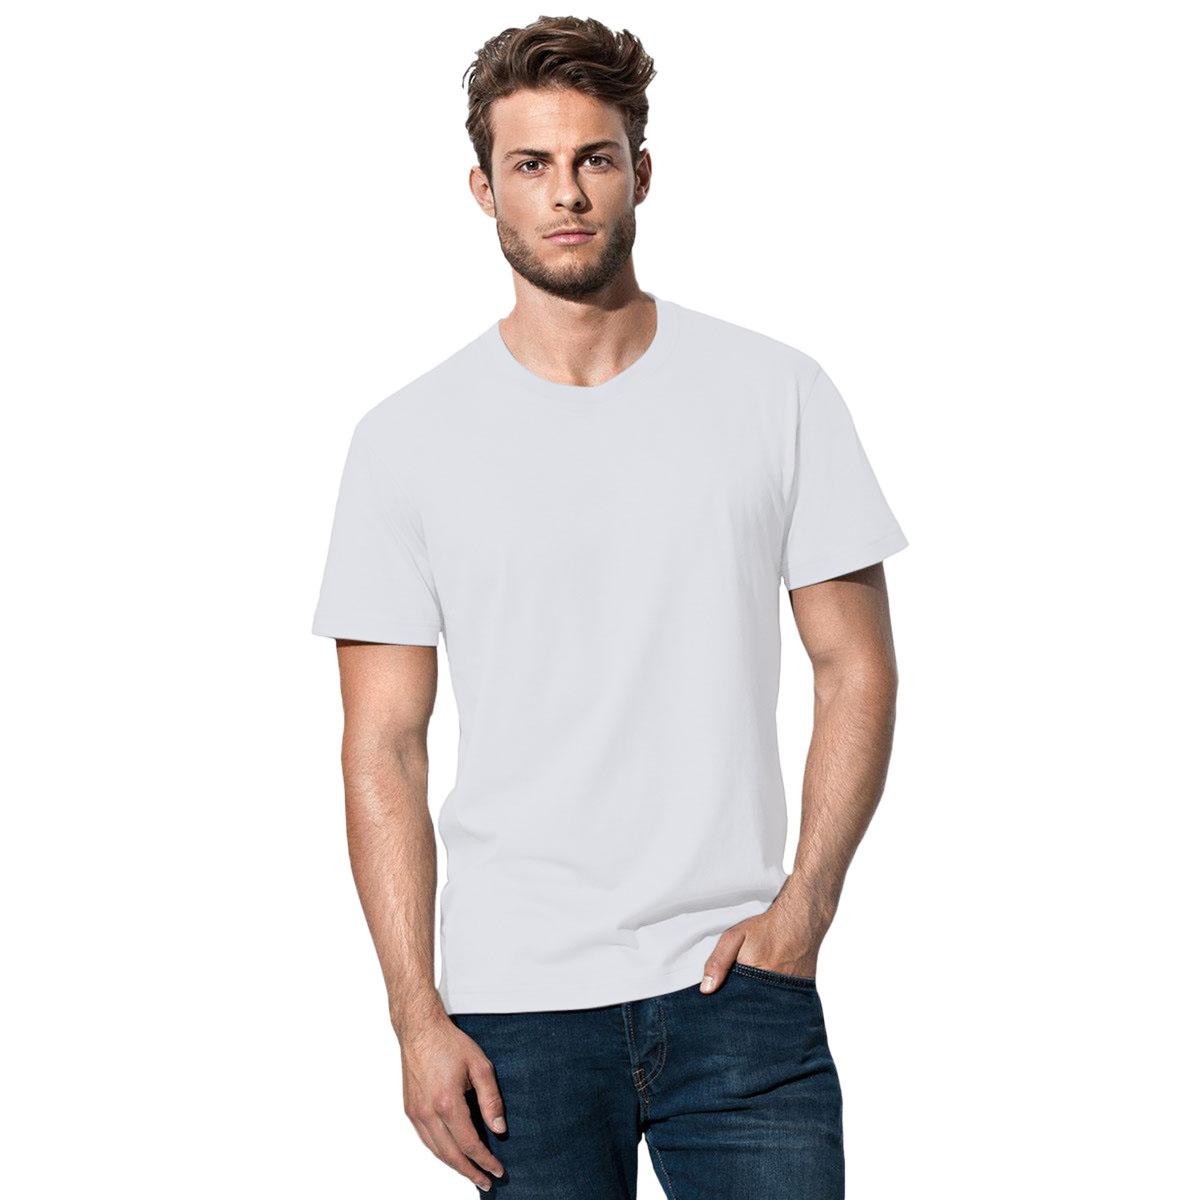 miniature 18 - Stedman - T-shirt classique - Homme (AB269)